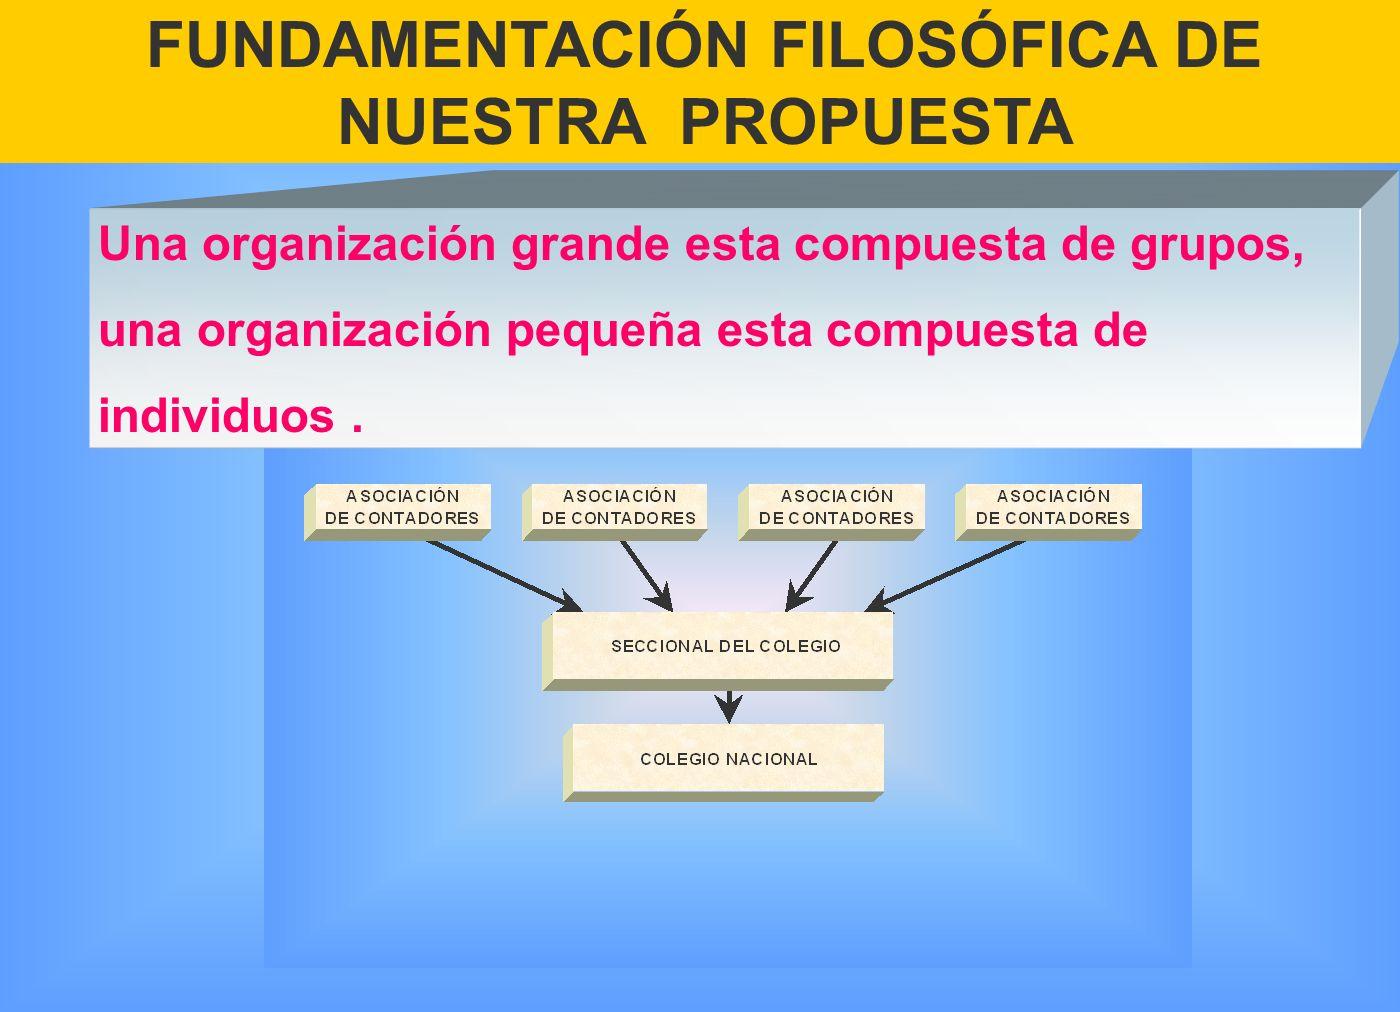 FUNDAMENTACIÓN FILOSÓFICA DE NUESTRA PROPUESTA Una organización grande esta compuesta de grupos, una organización pequeña esta compuesta de individuos.